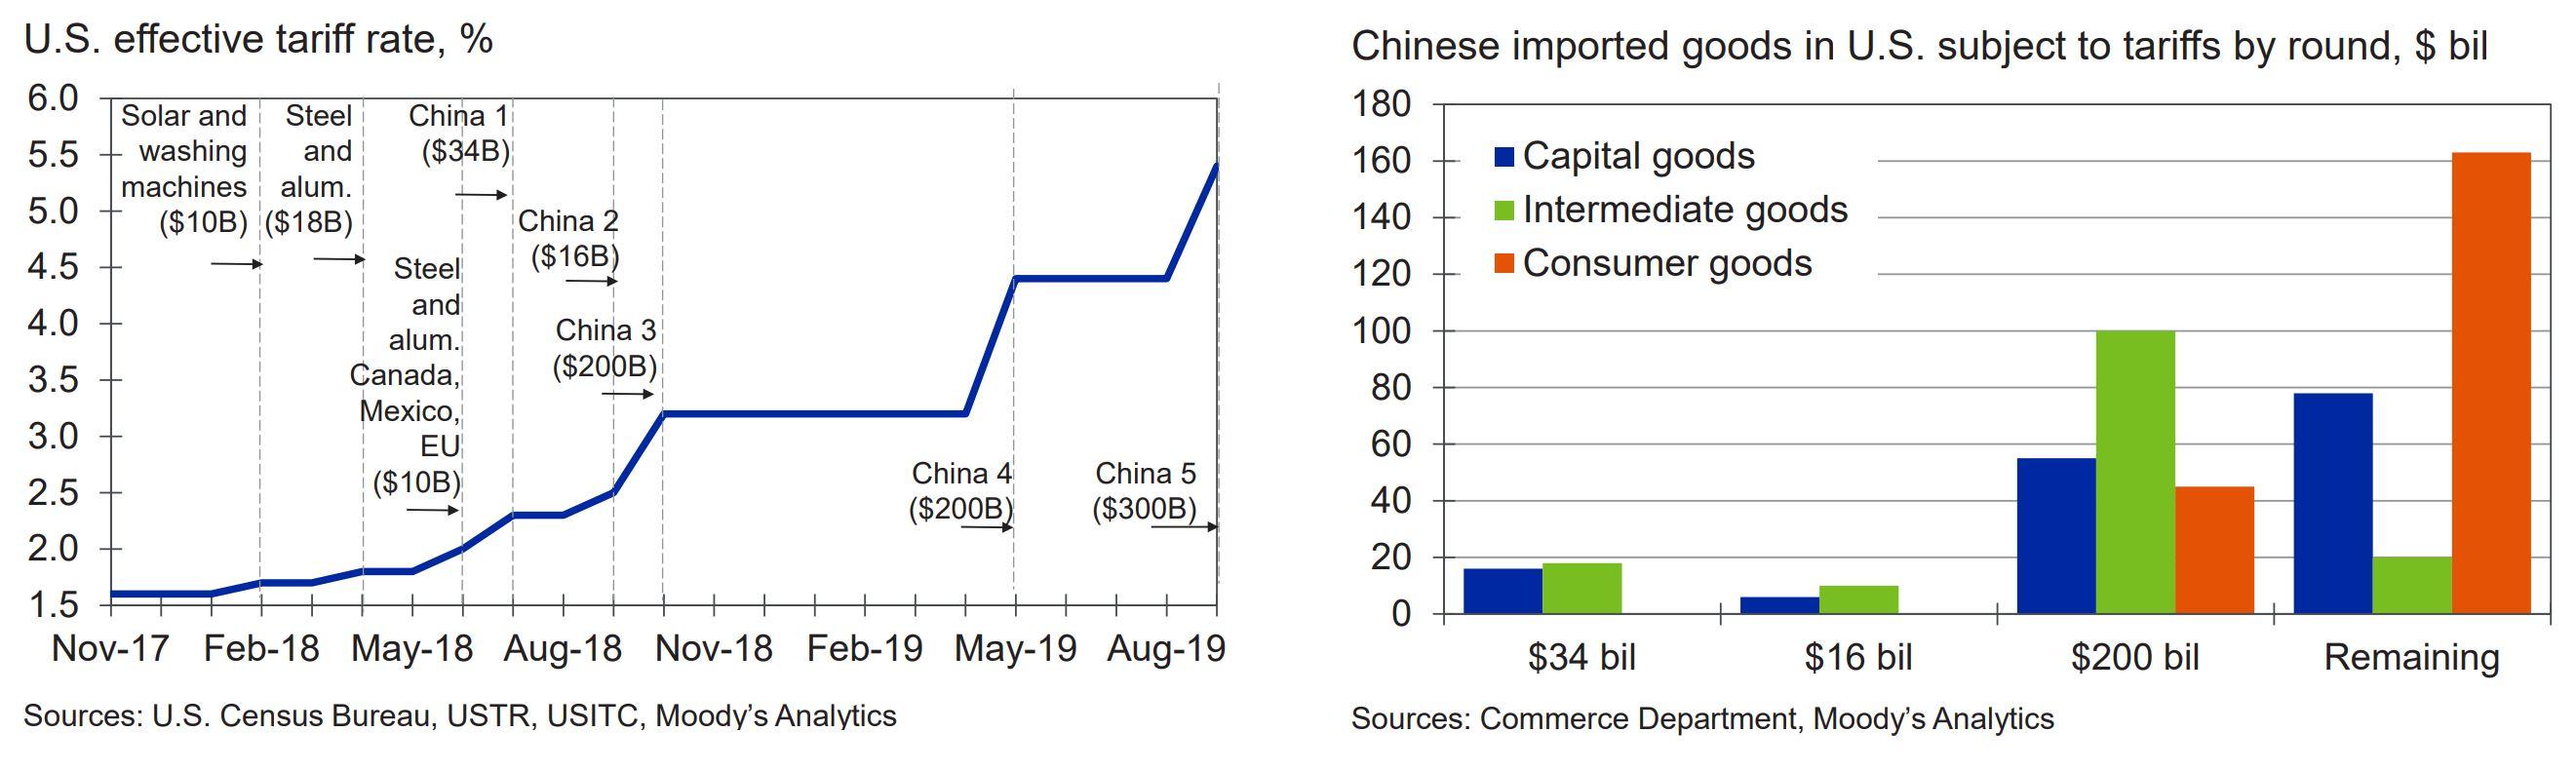 tariff chart